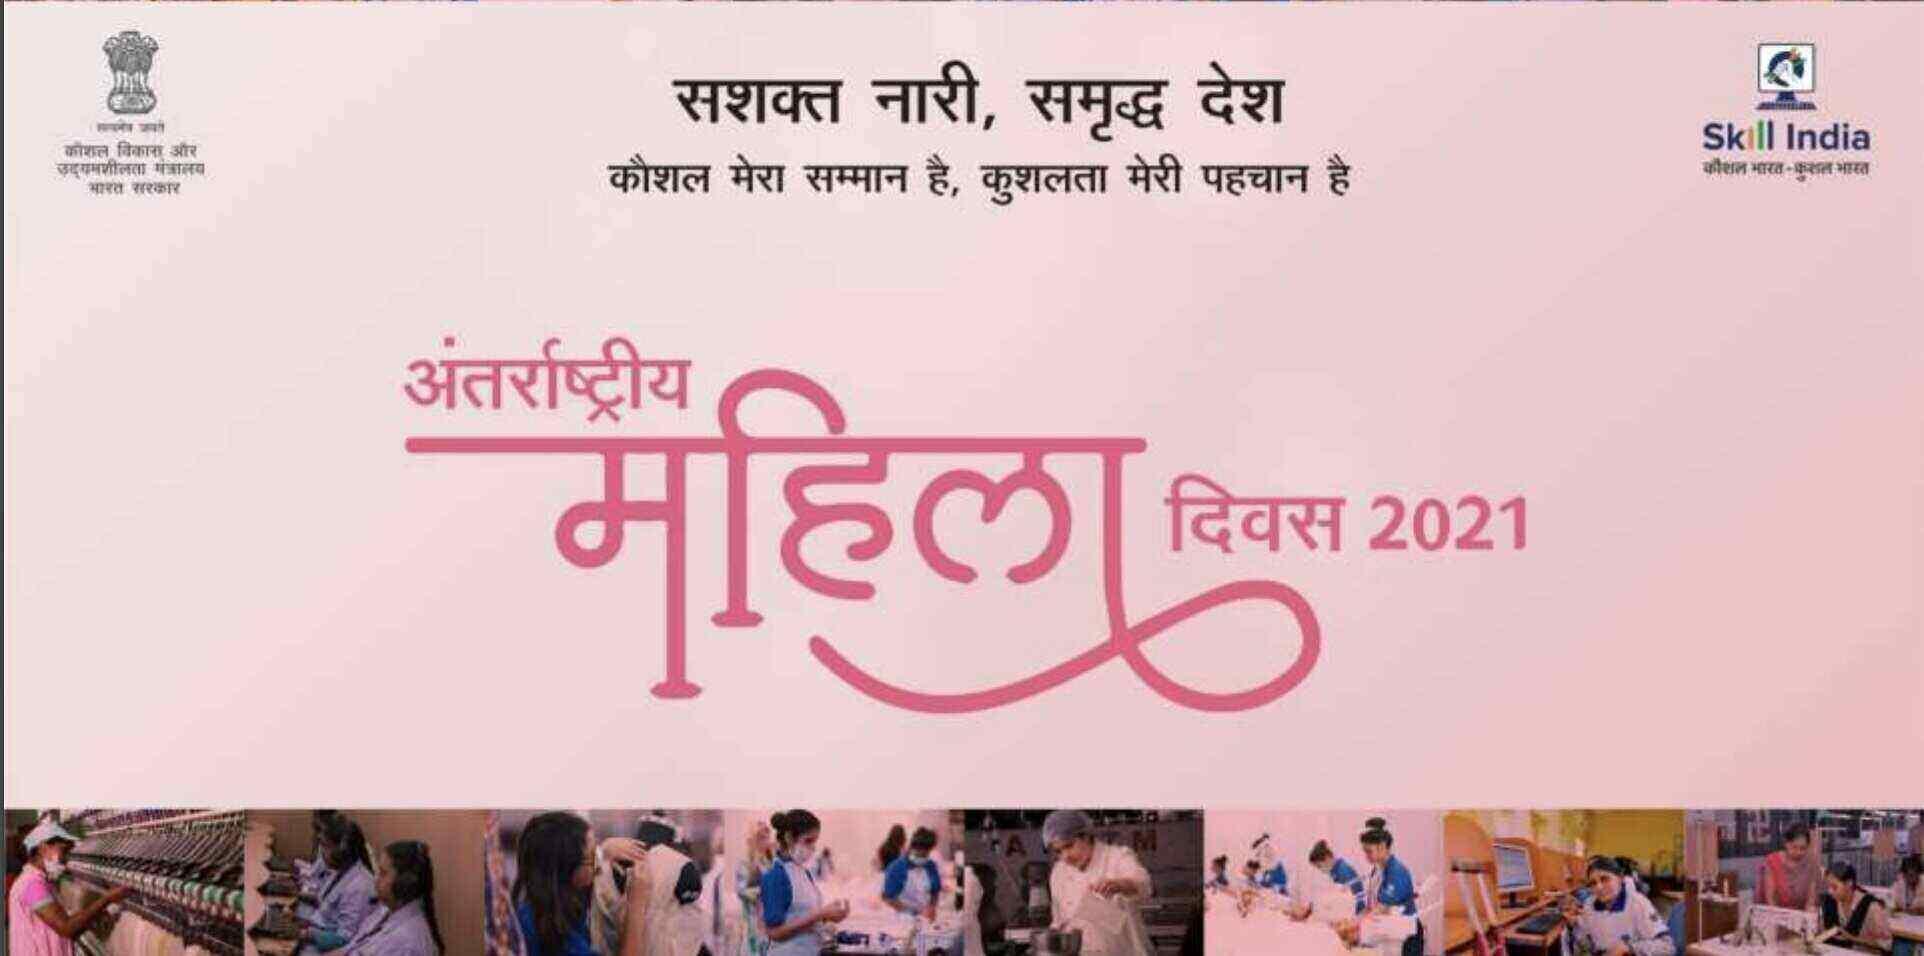 Skill India felicitates 25 women